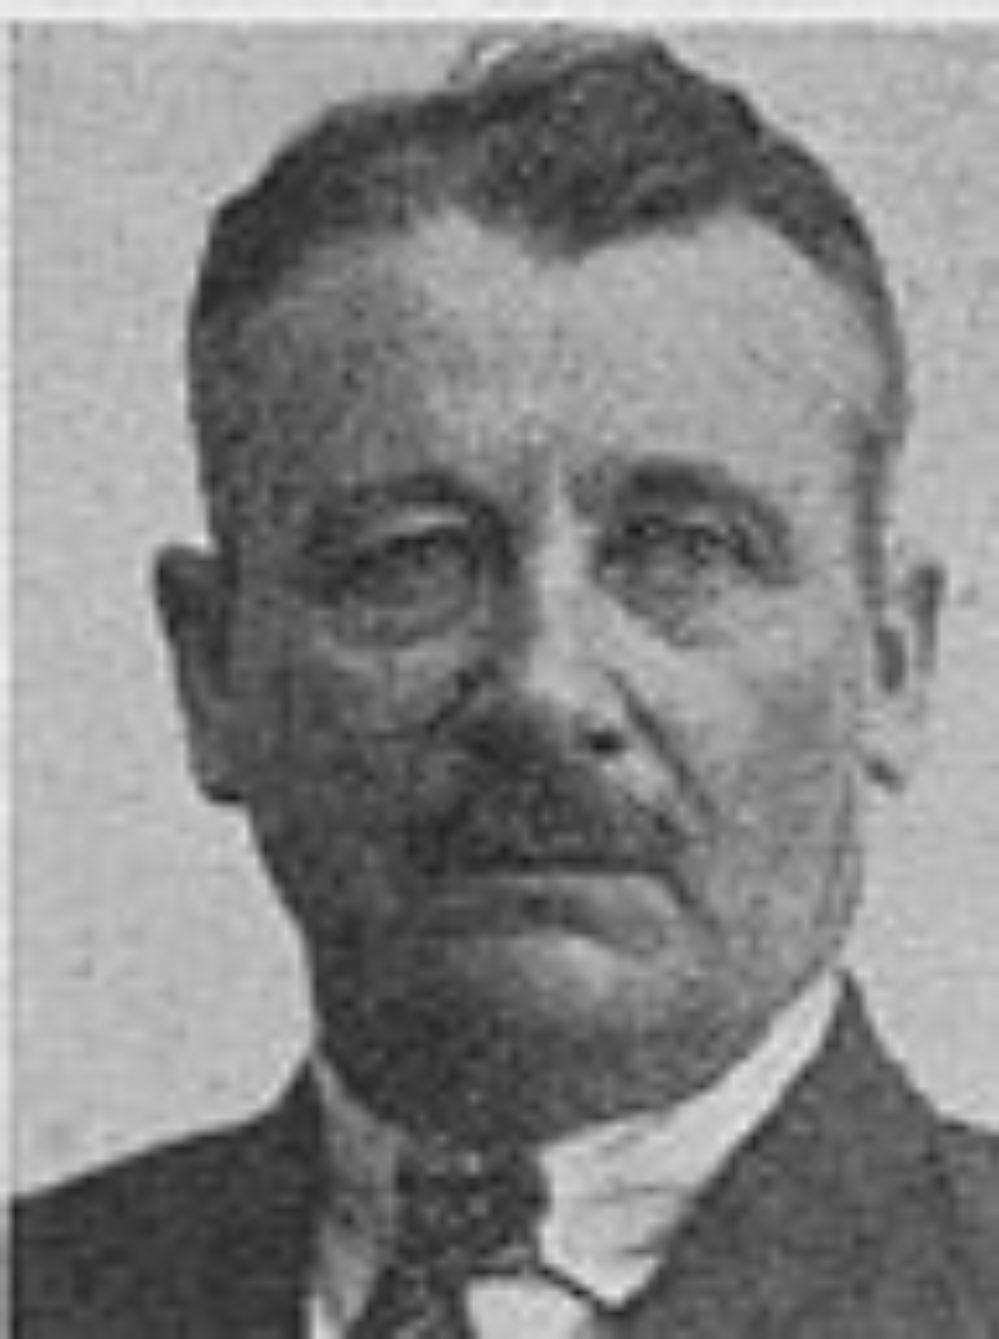 Emil August Bruun